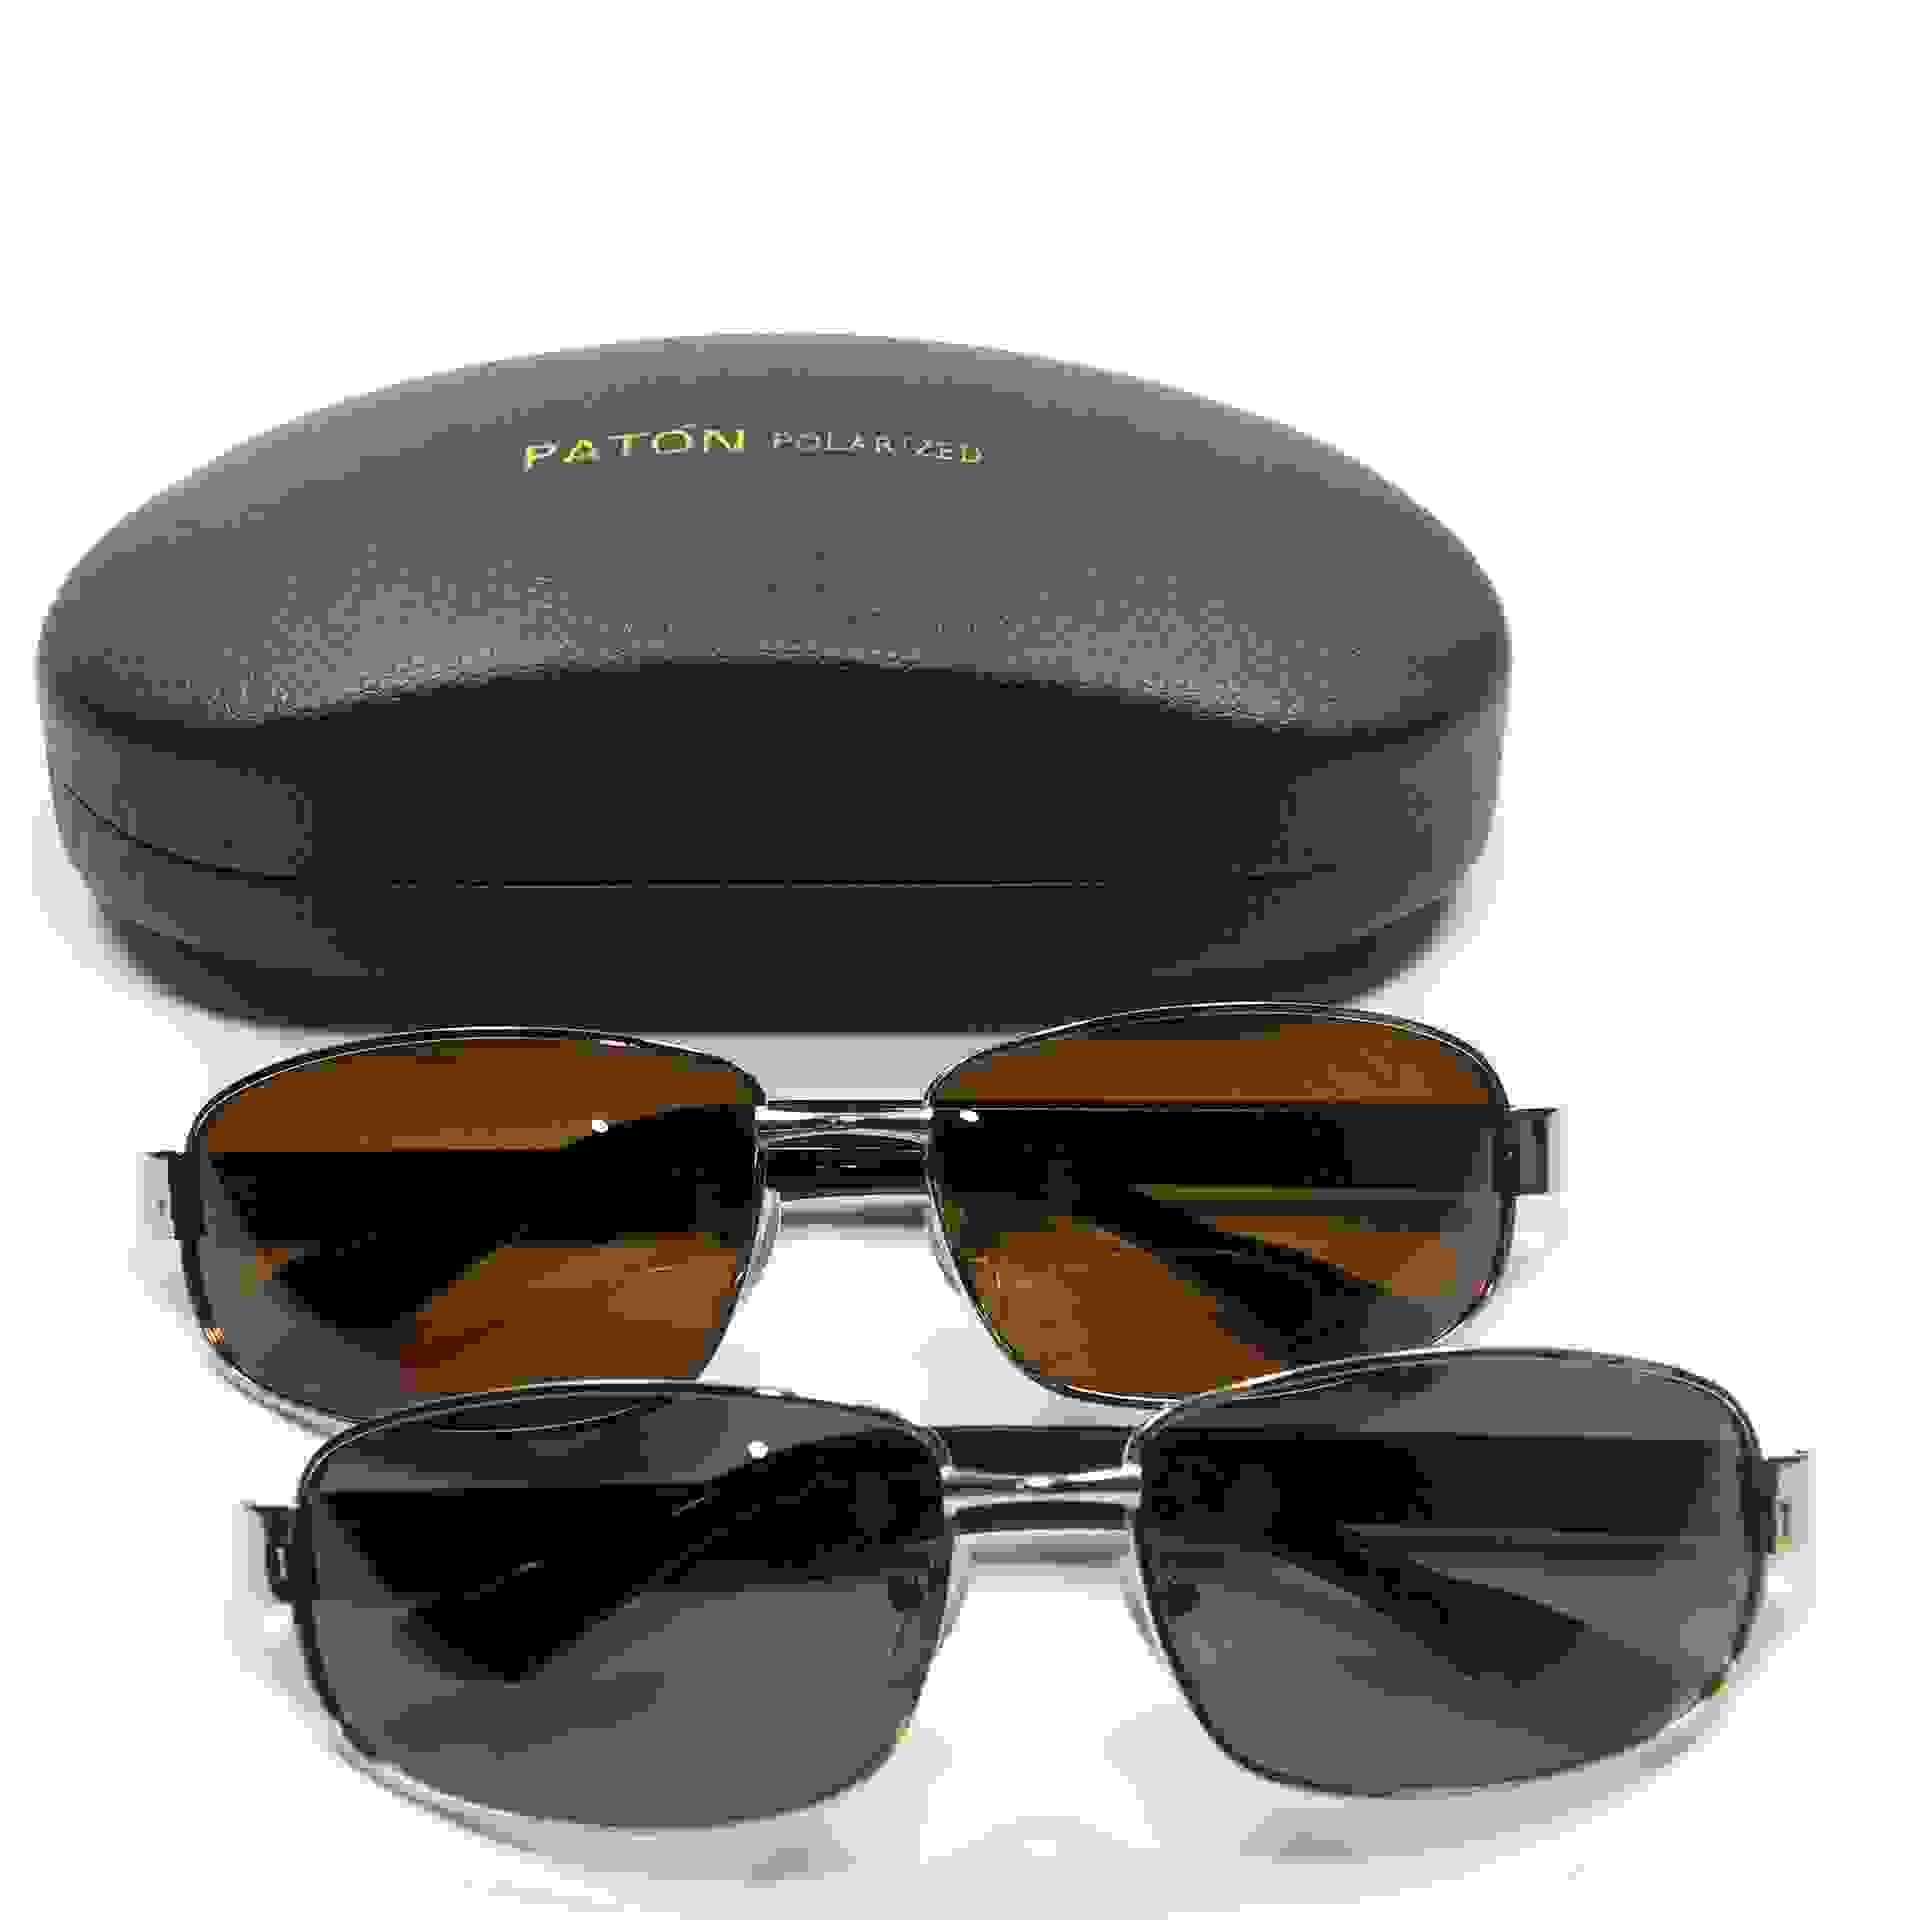 金属偏光太阳镜蛤蟆镜墨镜新款时尚地摊遮阳眼镜开车驾驶必备眼镜0